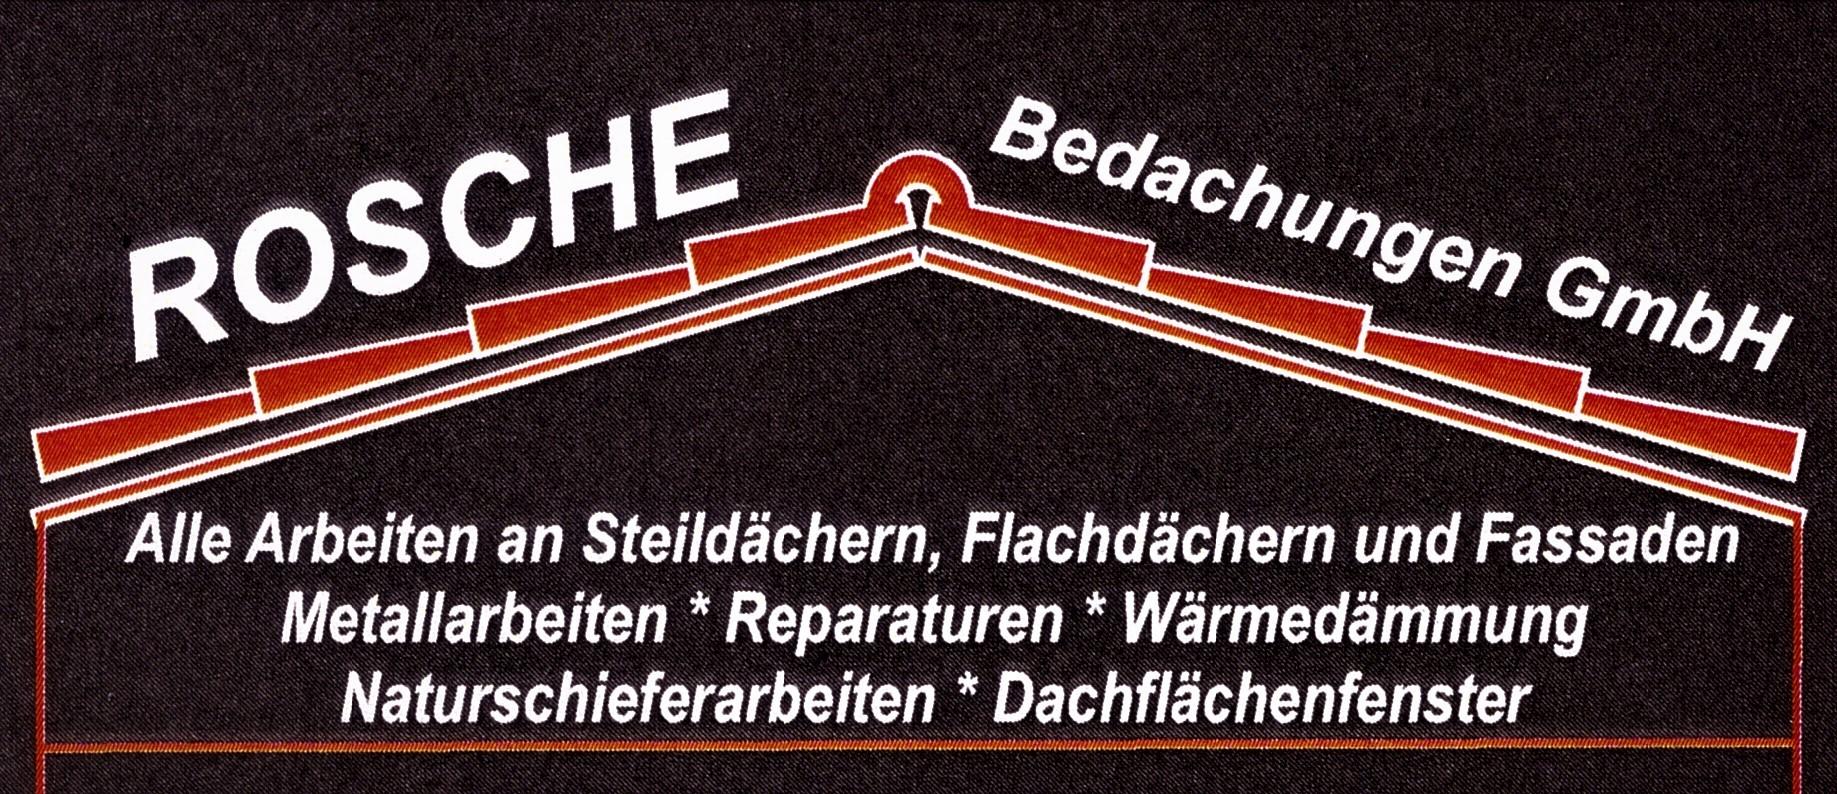 rosche bedachungen gmbh bauunternehmen h rth deutschland tel 02233979. Black Bedroom Furniture Sets. Home Design Ideas